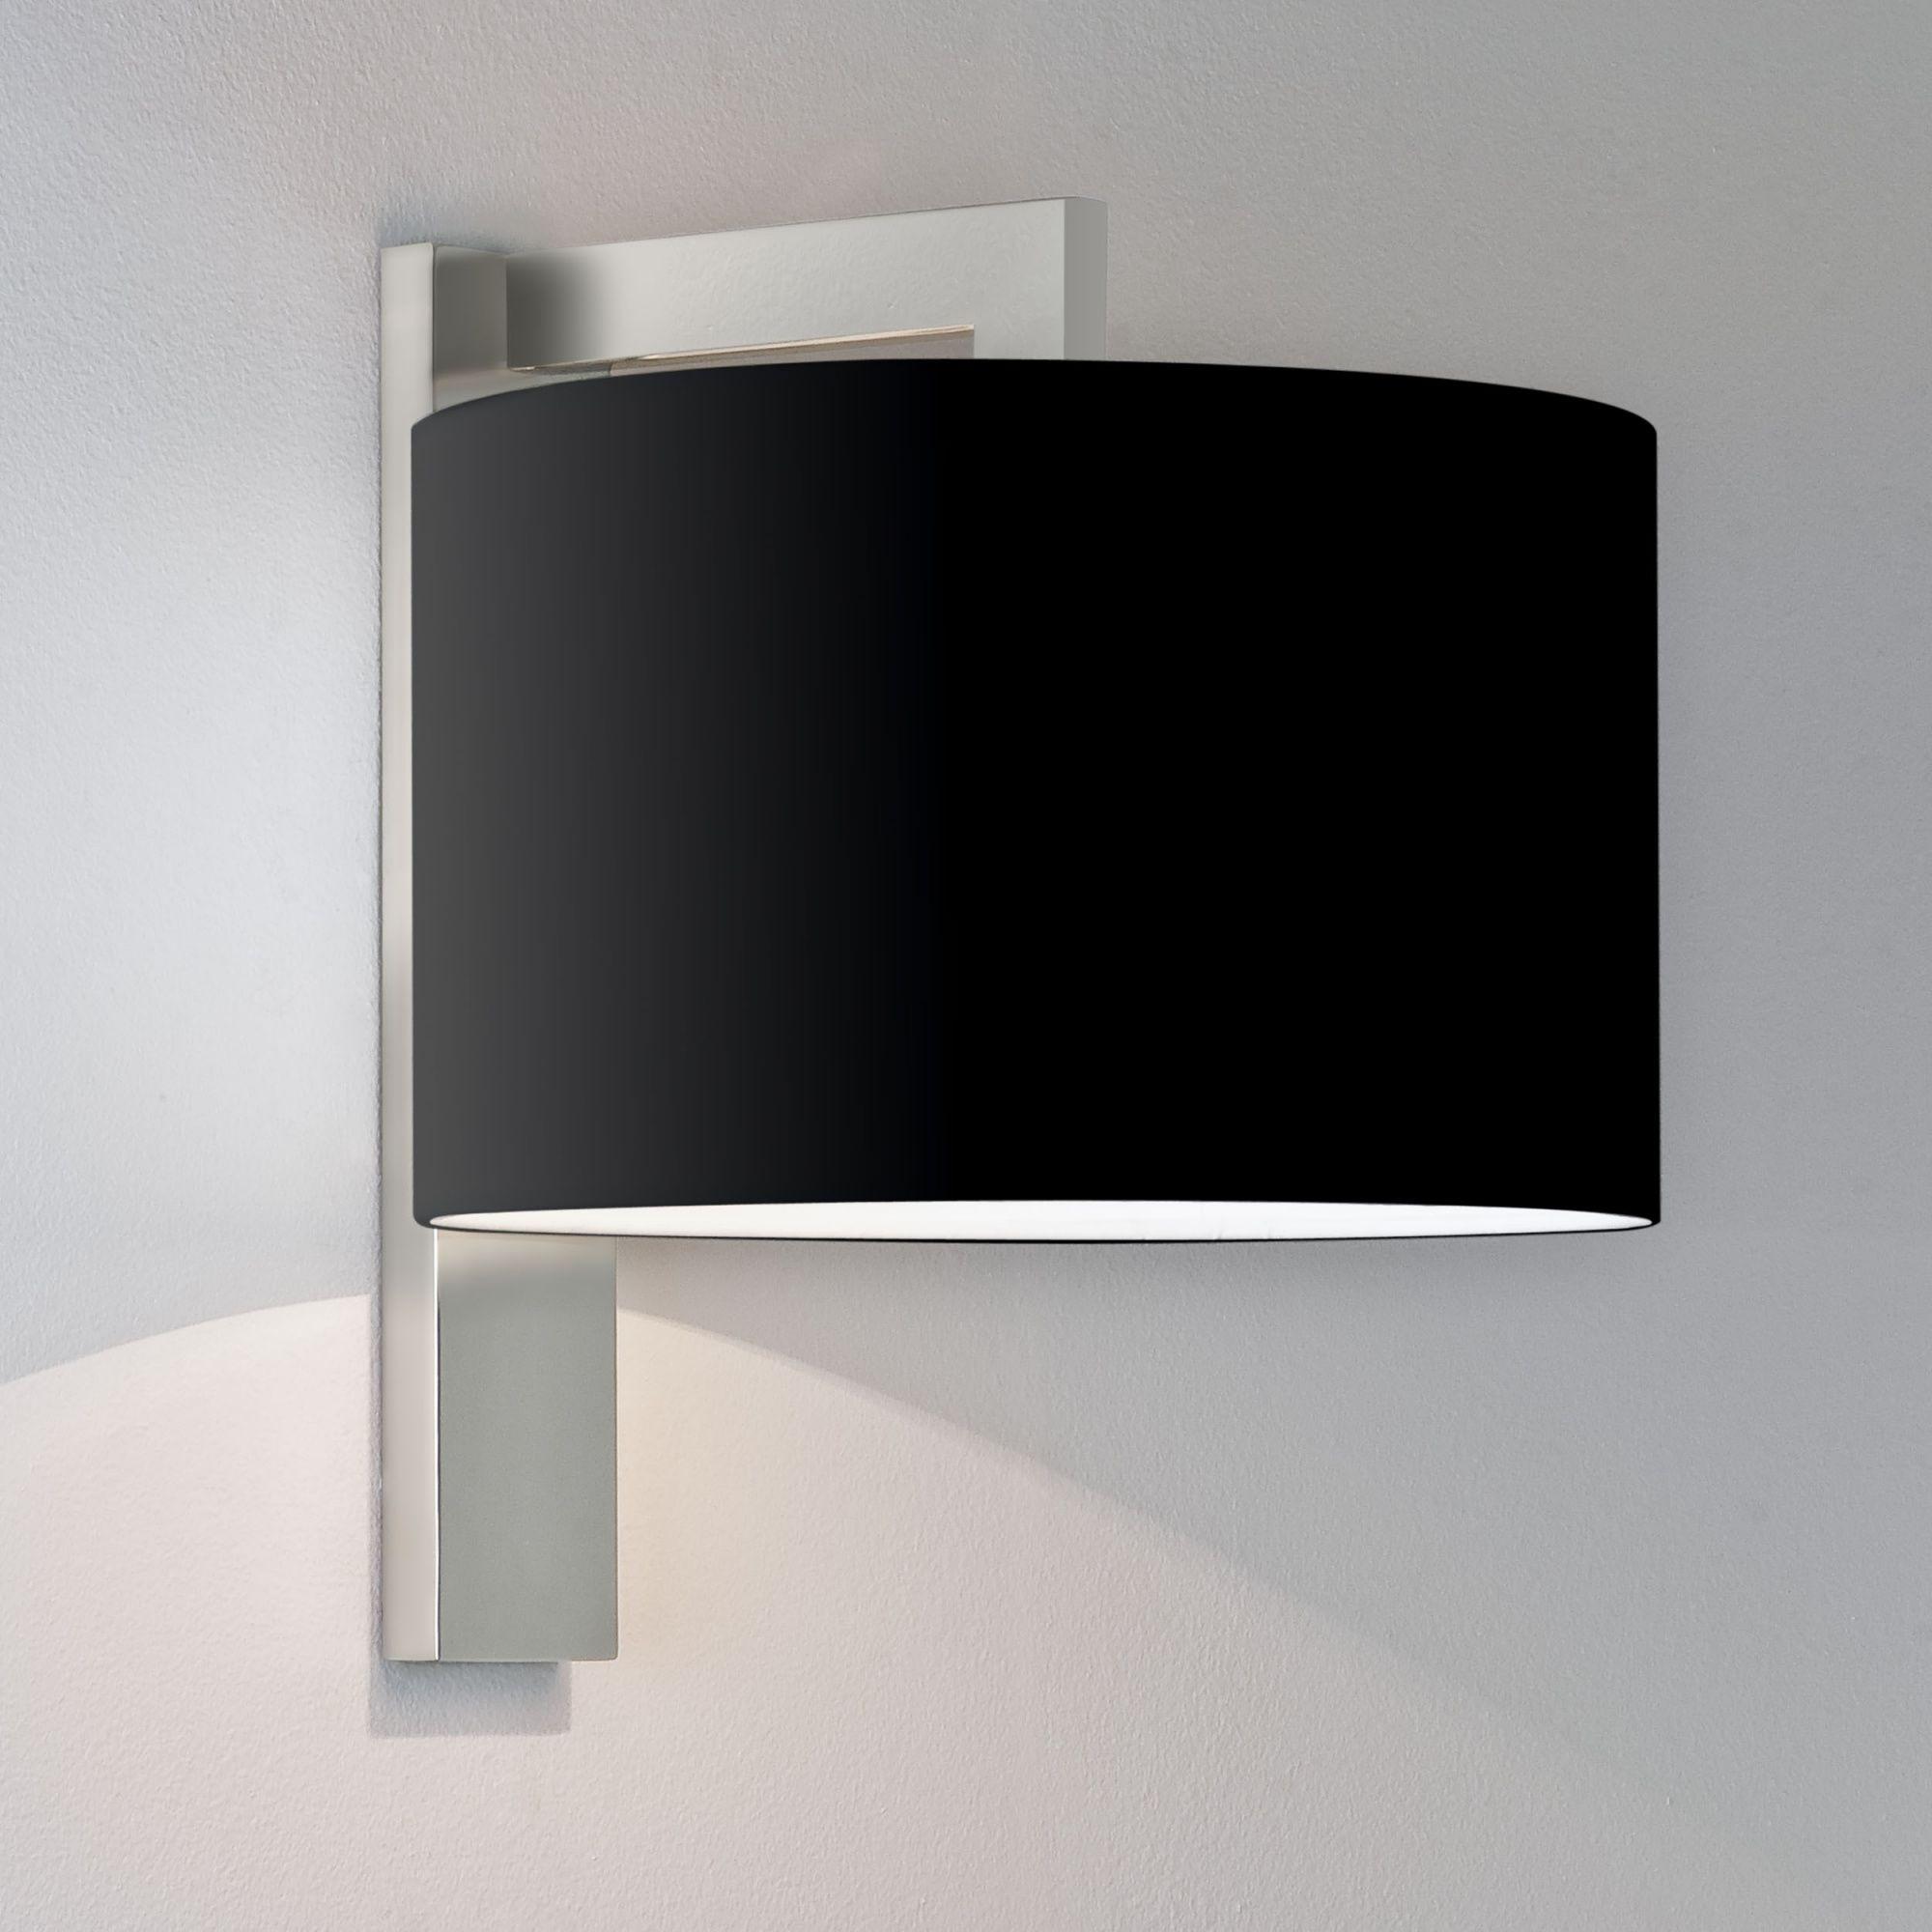 Kinkiet Ravello 7079 NIKIEL Astro Lighting